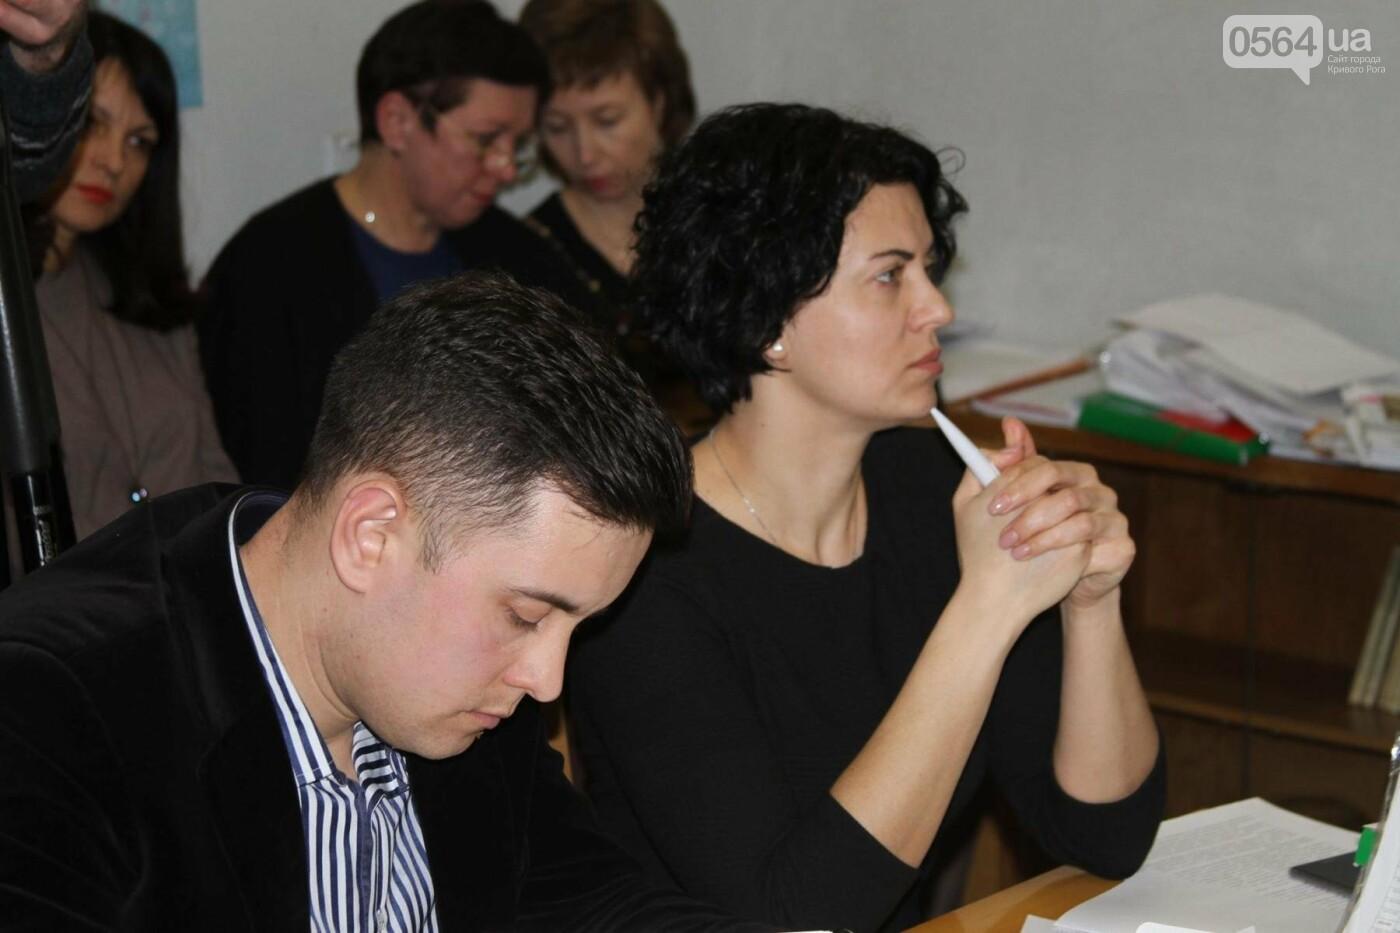 Криворожские депутаты из комиссии по этике и дисциплине со второй попытки не смогли собраться (ФОТО), фото-5